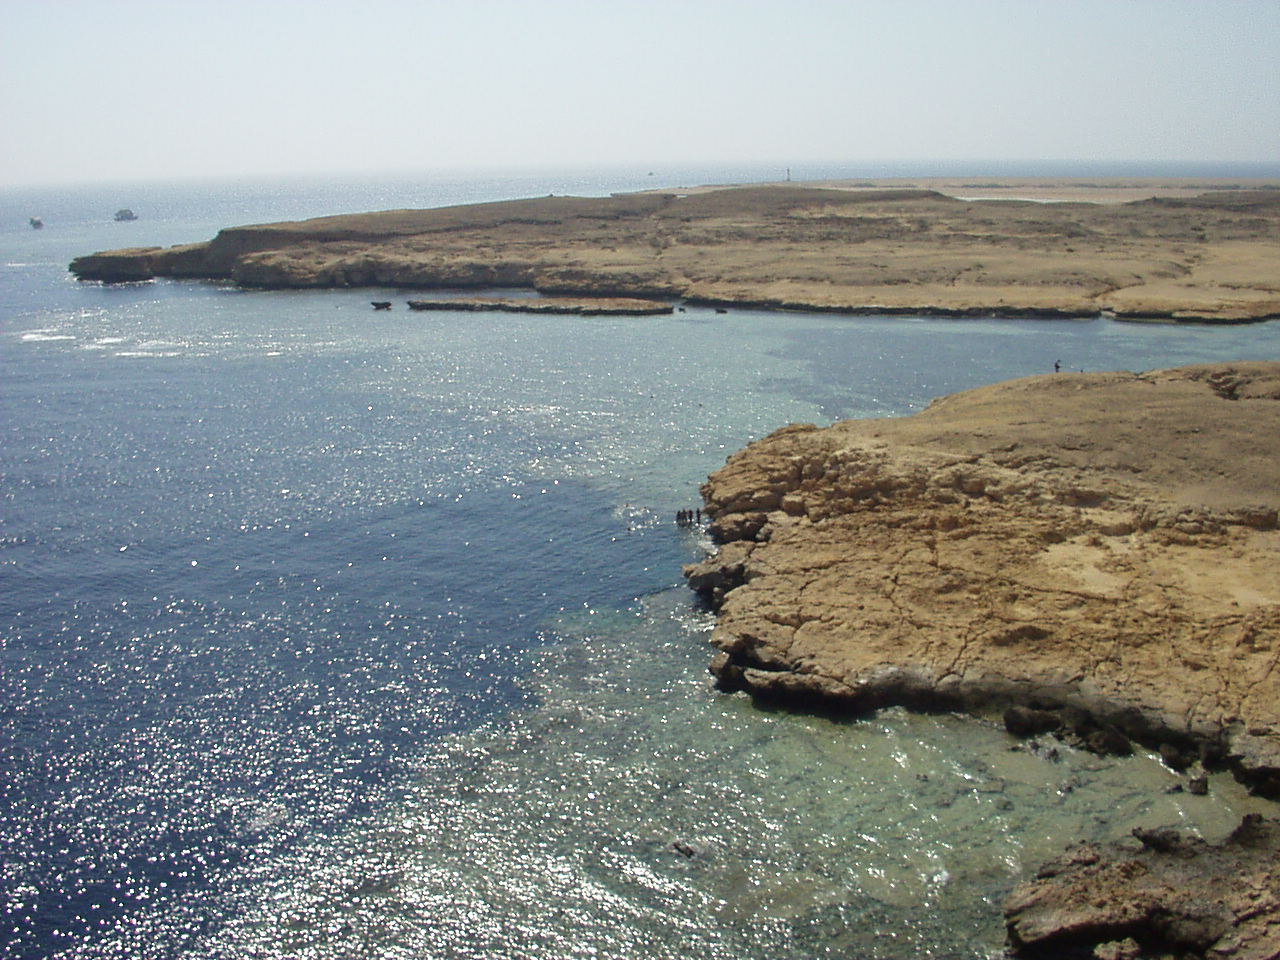 محميات مصر الطبيعية ...كنوز يجب معرفتها للمحافظة عليها Coral_reef_in_Ras_Muhammad_nature_park